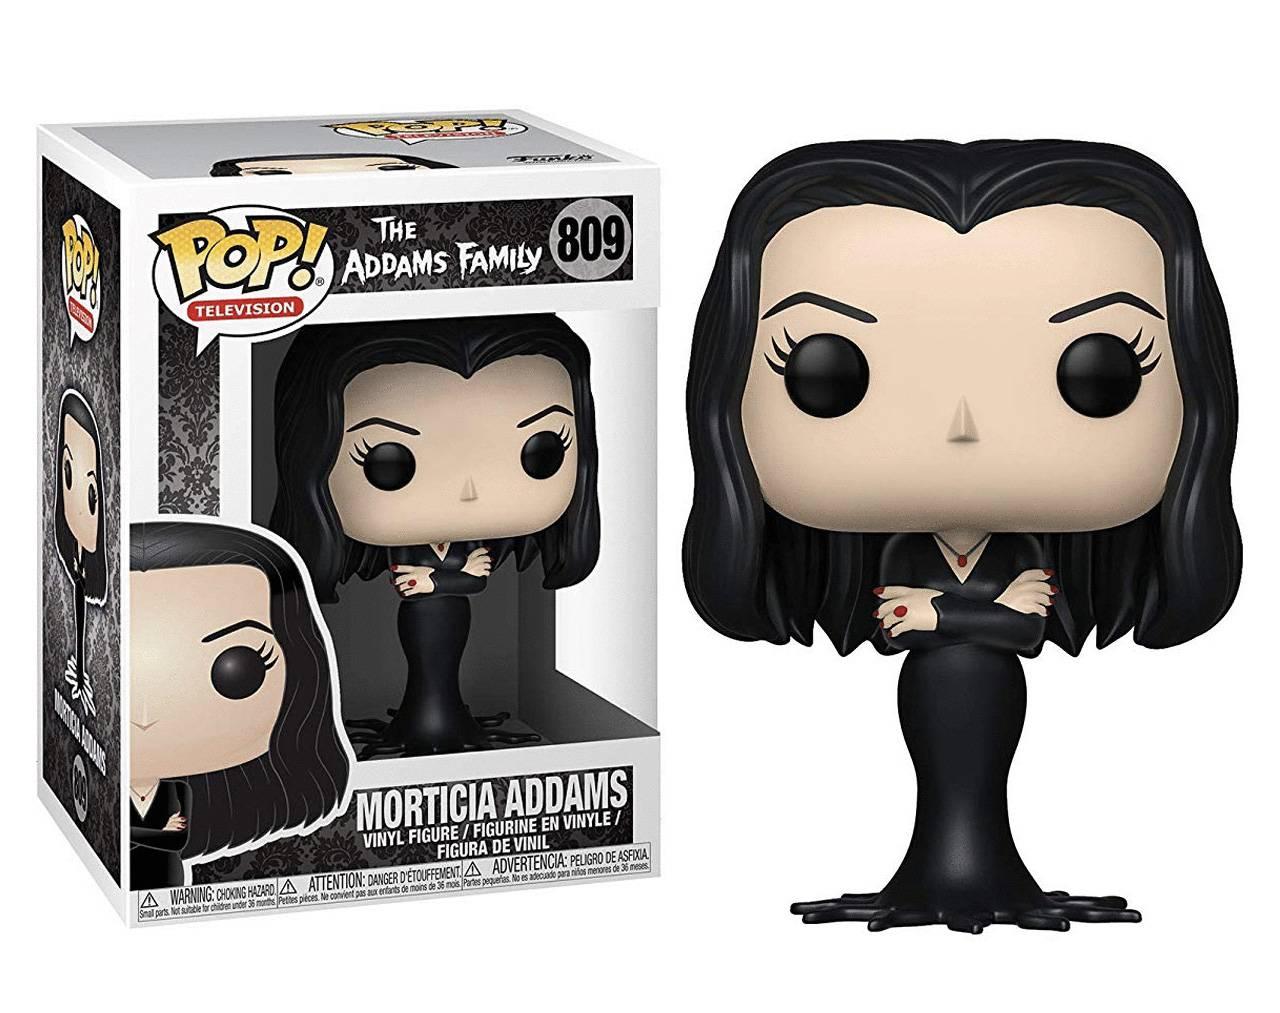 Morticia Addams Pop! Vinyl